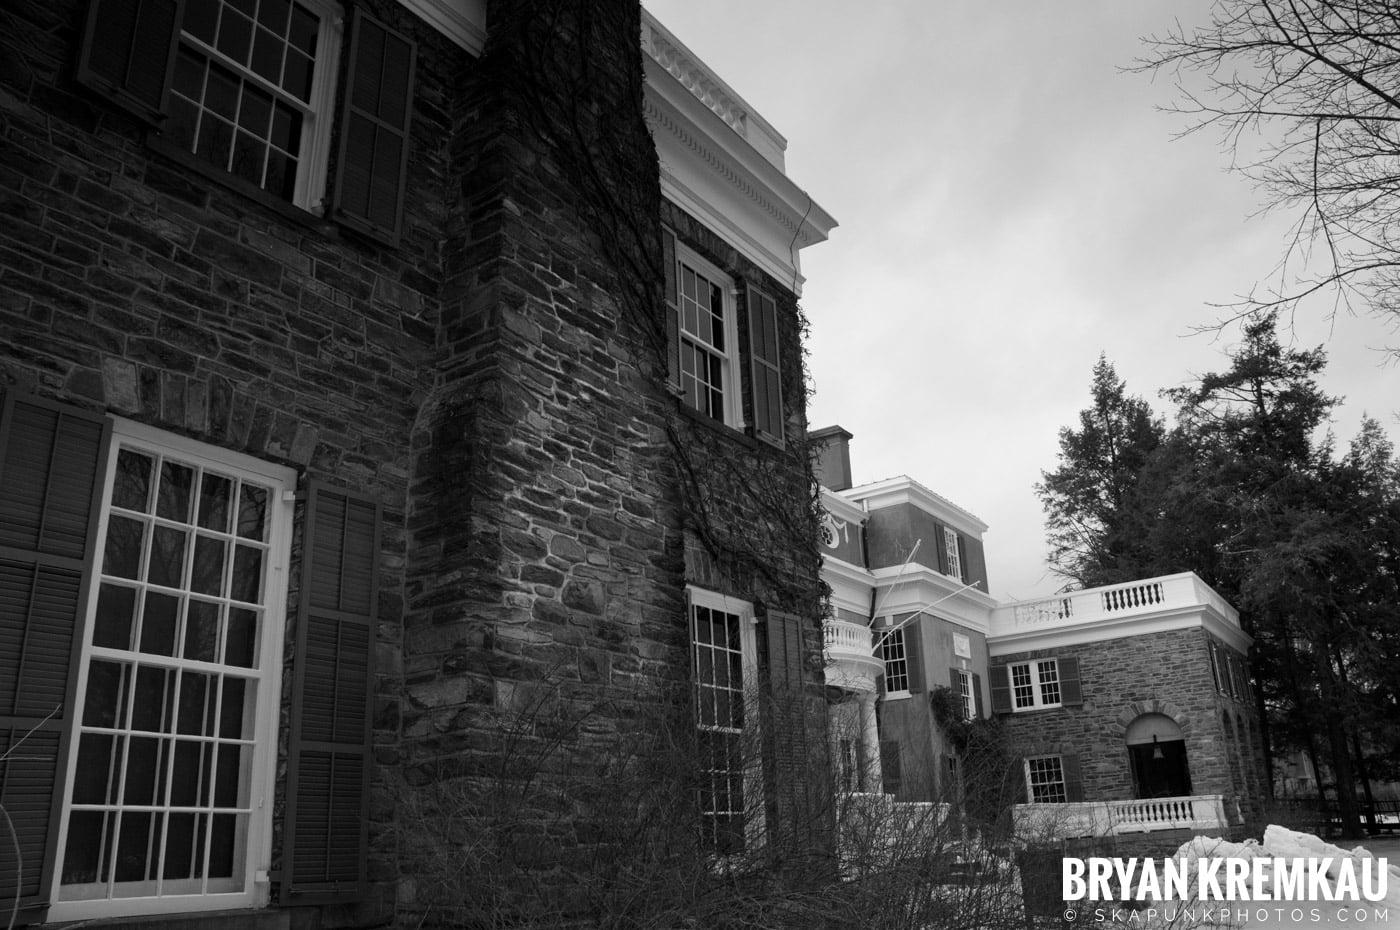 Valentine's Day Trip @ Rhinebeck, FDR's Home, Vanderbilt, Wilderstein Historic Site, NY - 2.14.10 (6)